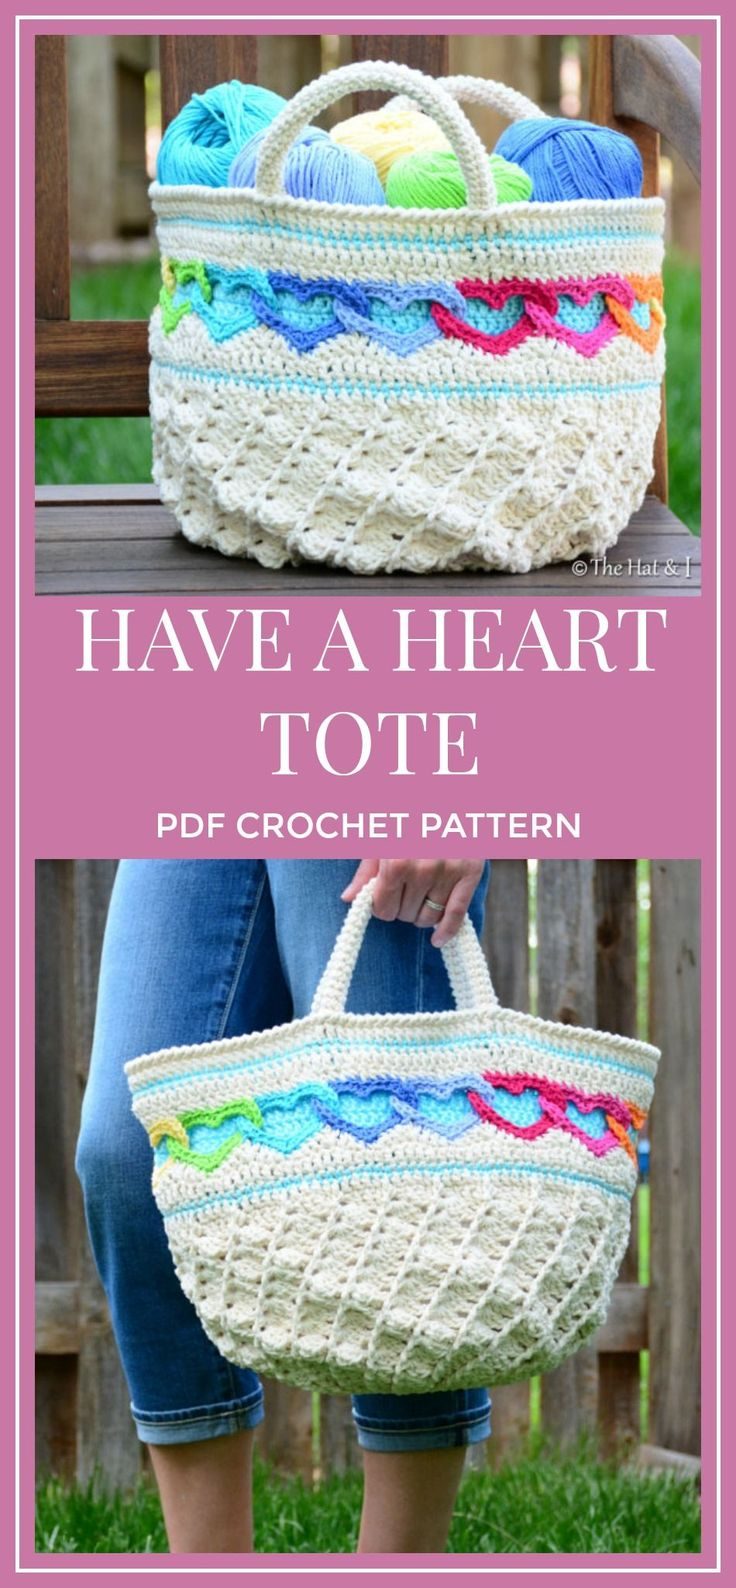 CROCHET PATTERN - Have a Heart Tote - a crochet heart tote pattern, crochet bag pattern, linked hearts purse pattern - Instant PDF Download #crochet #crochetpattern #tote #affiliate #crochetlove #heart